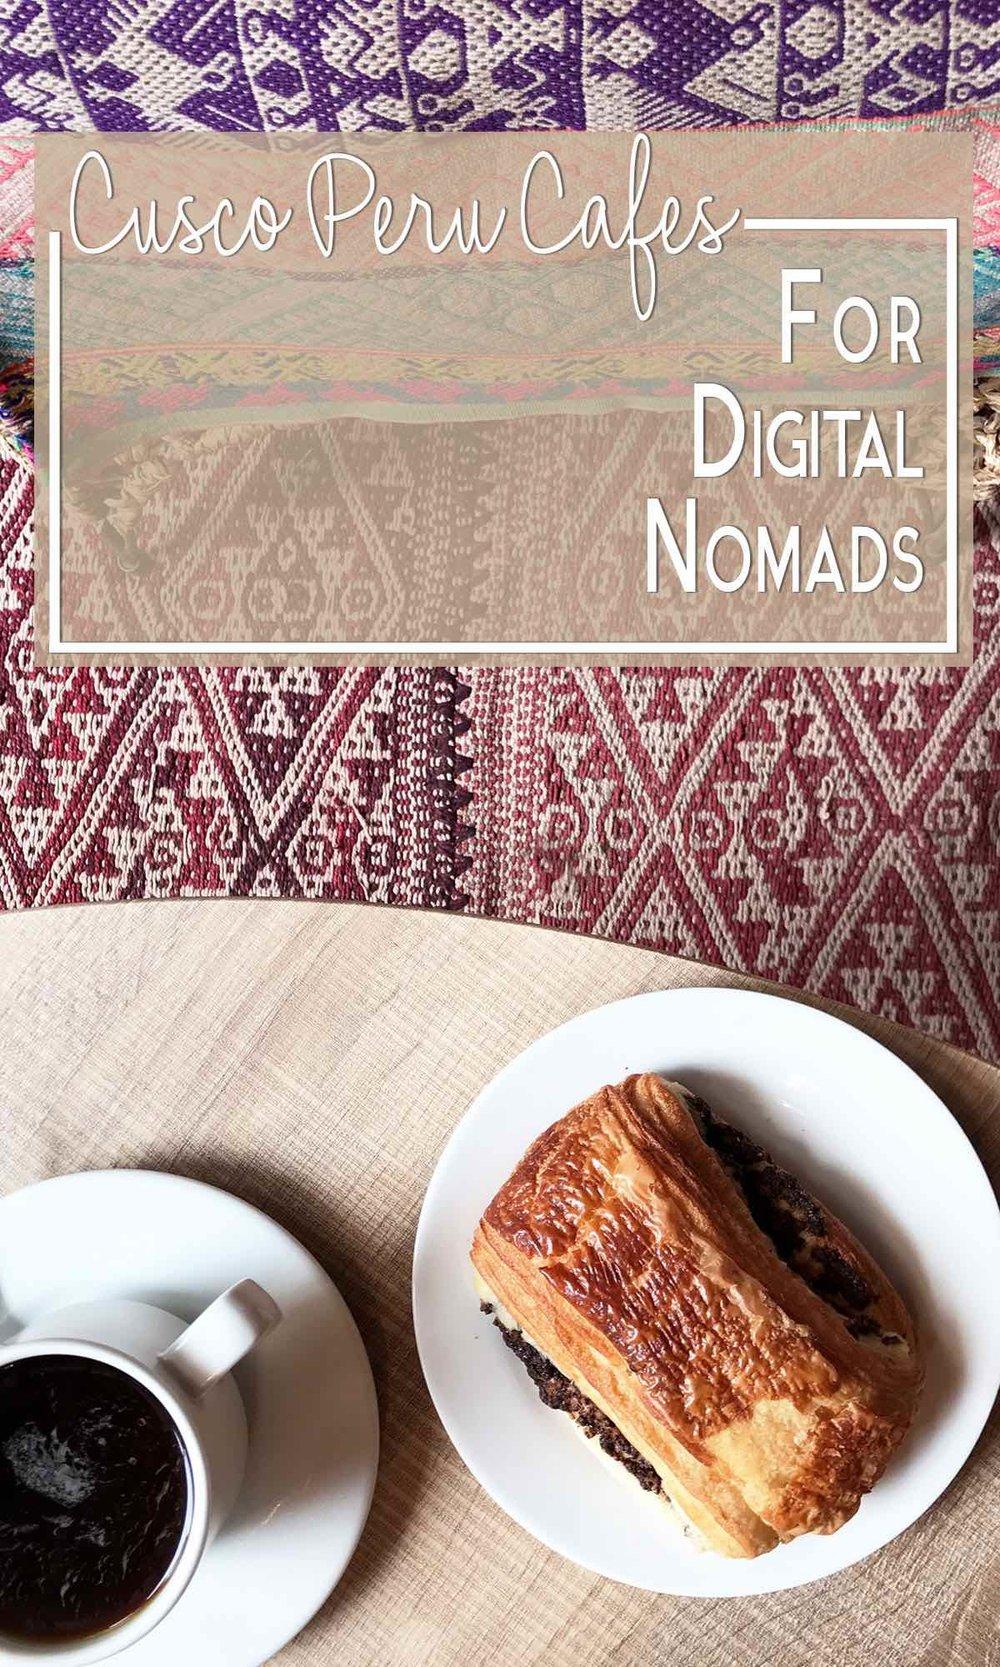 Cusco cafes for digital nomads